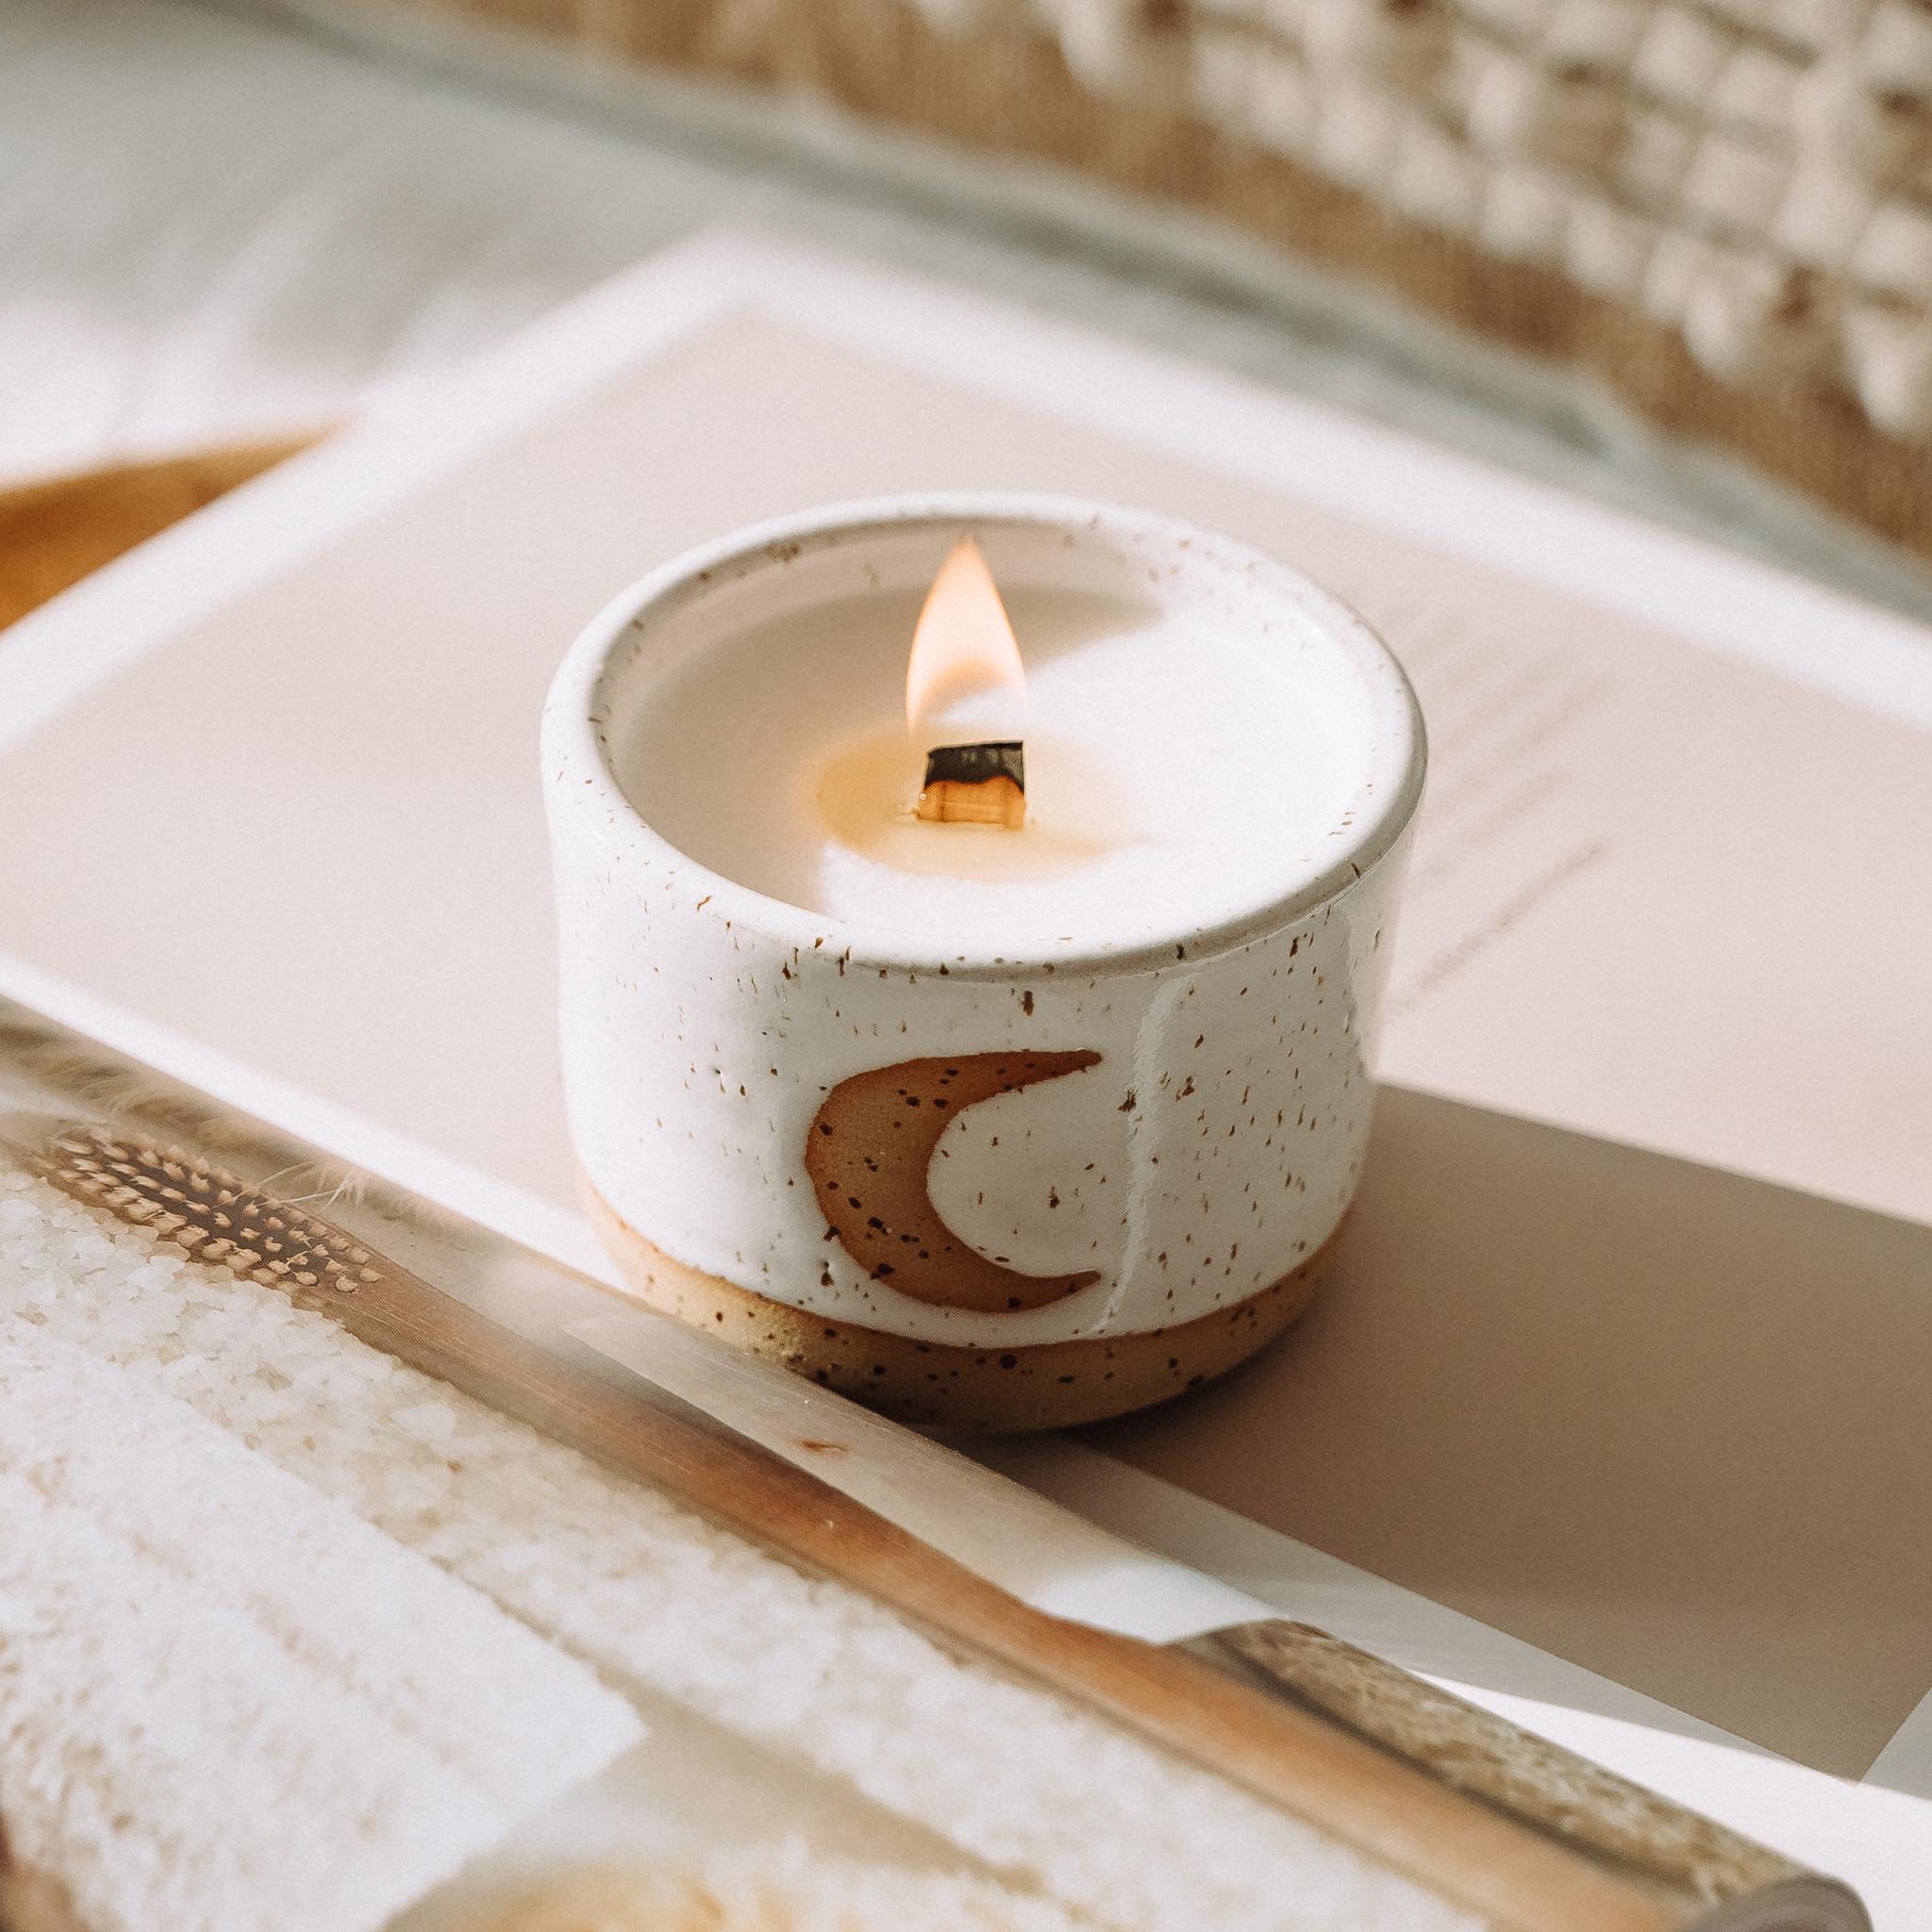 Mooncake ceramic